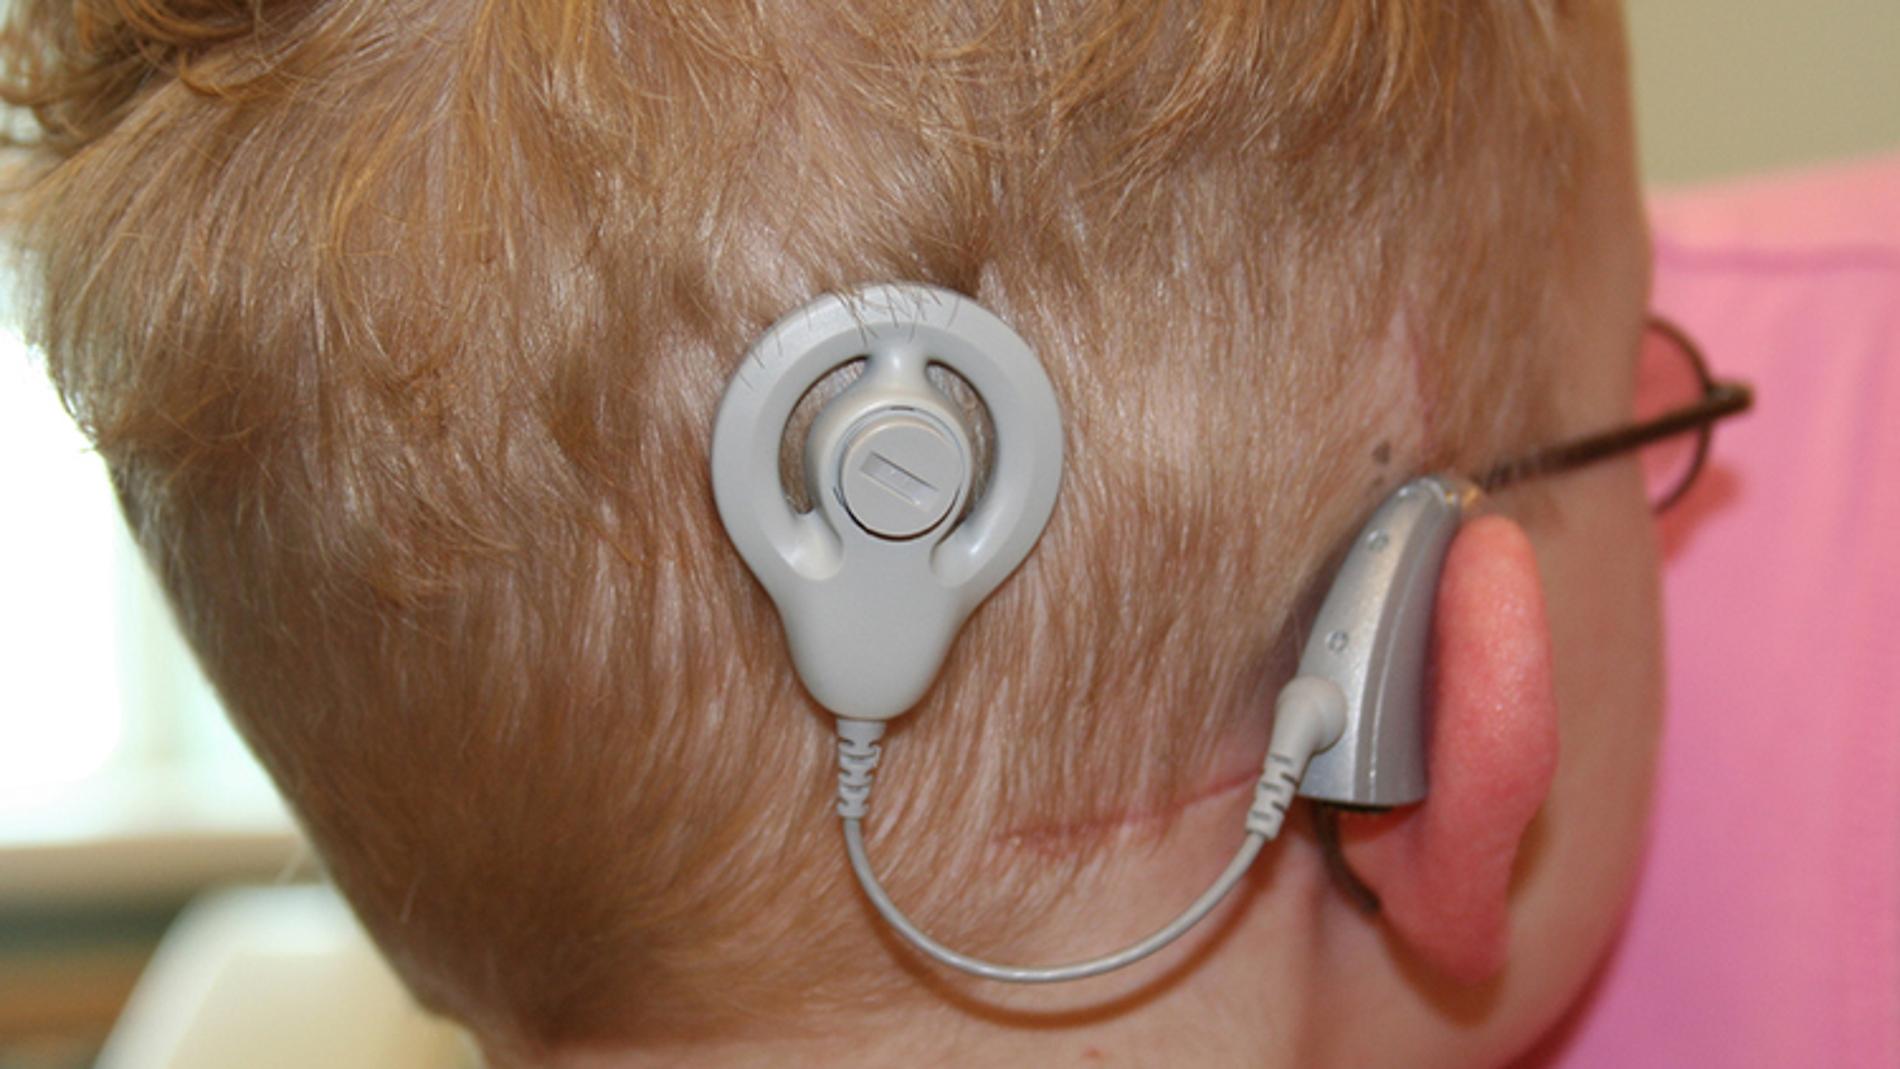 El beneficio de los implantes cocleares